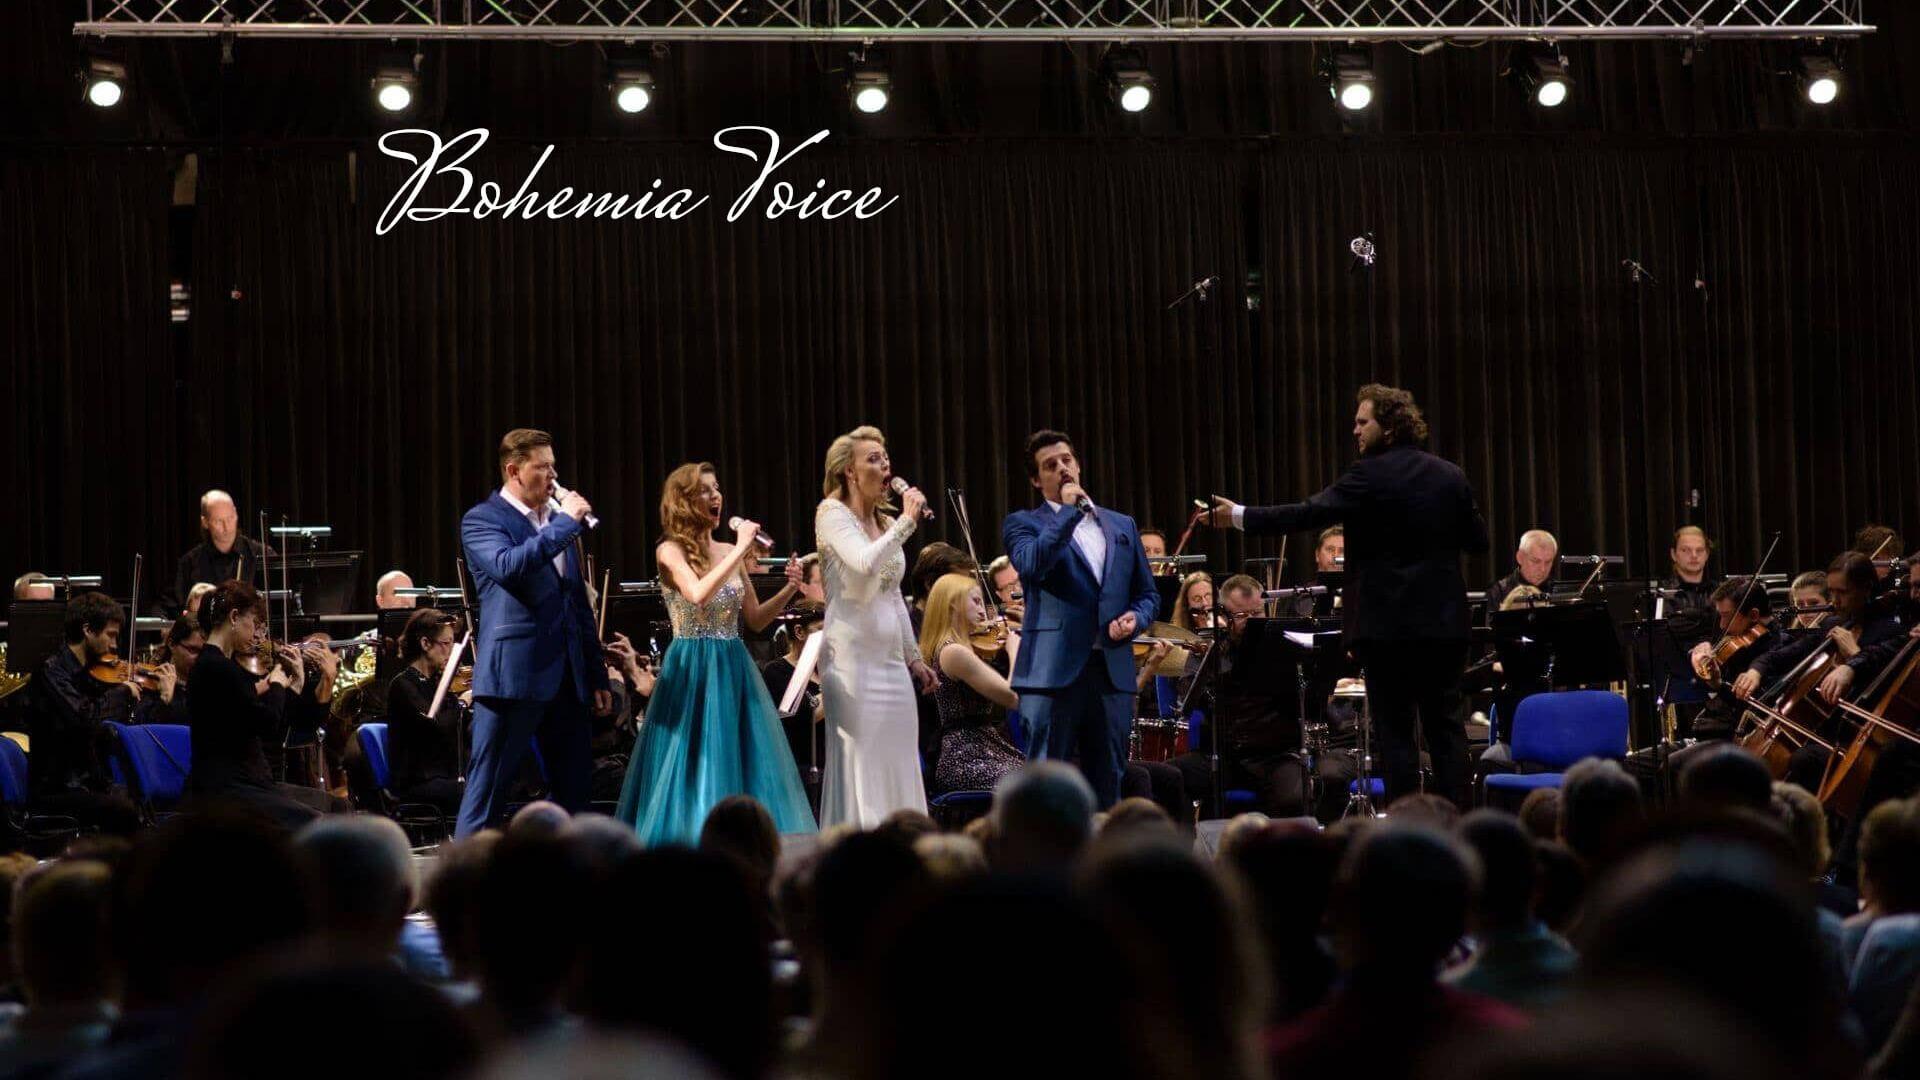 koncertní programy Bohemia Voice